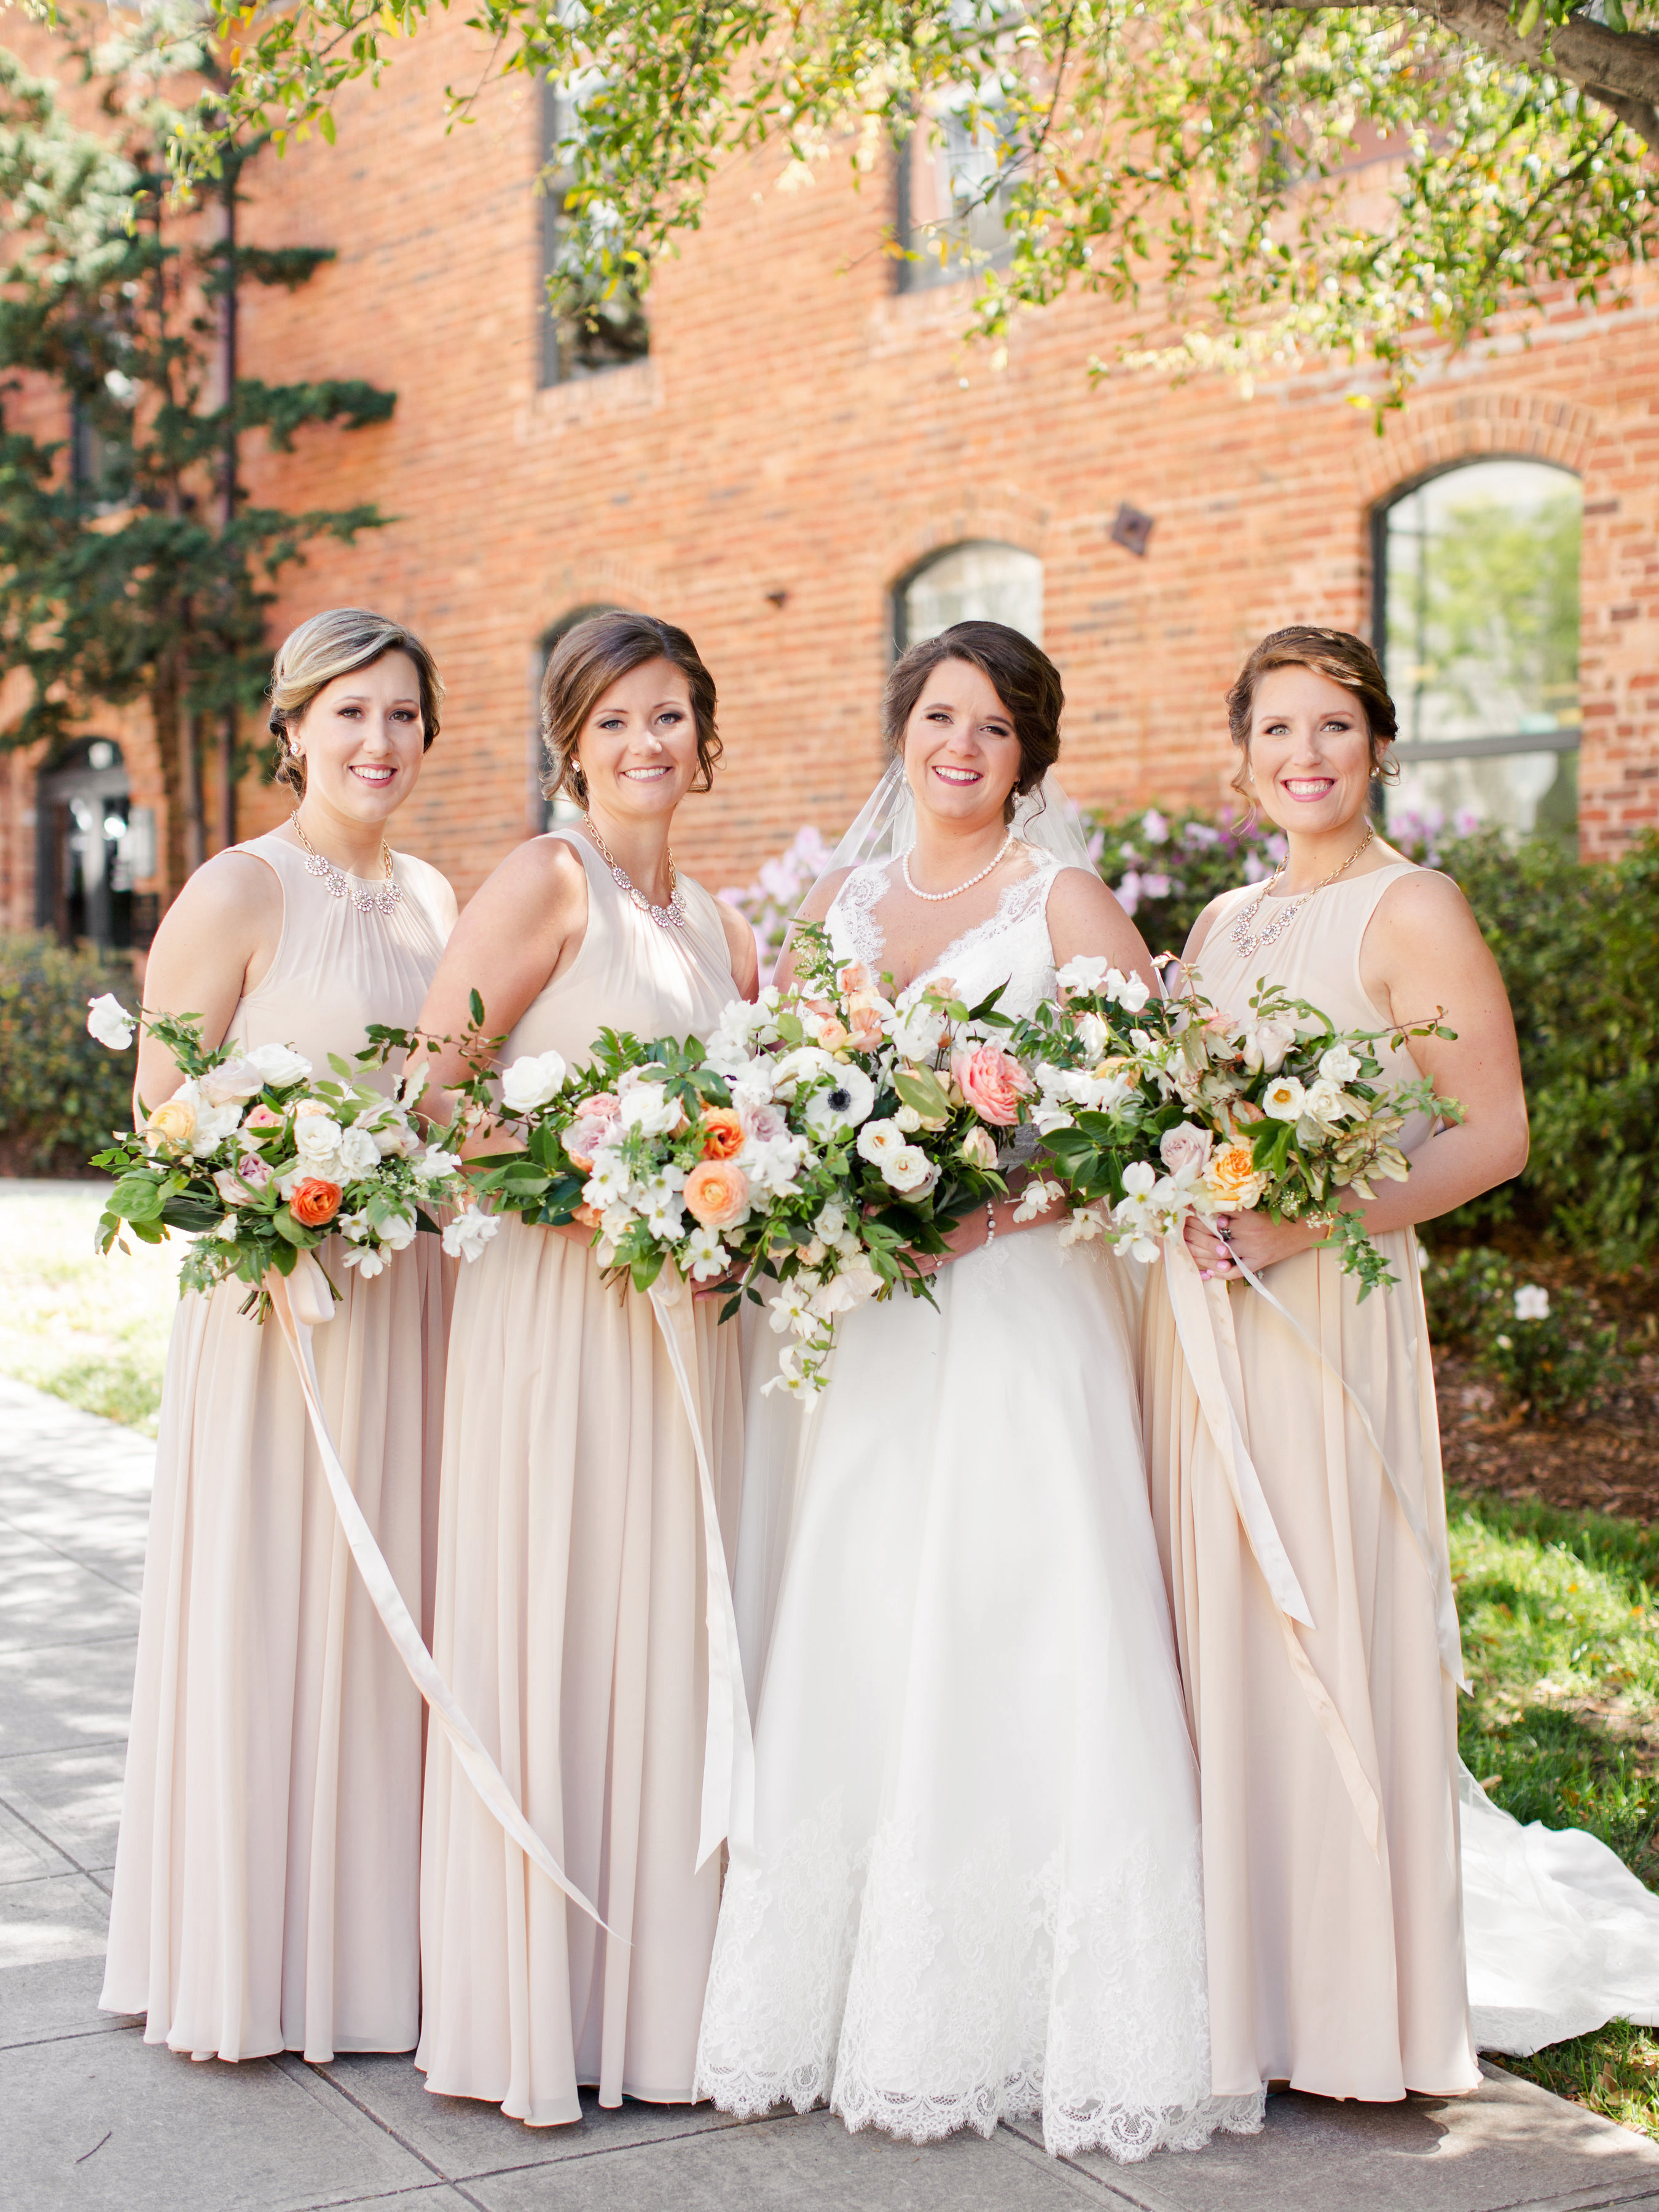 carey jared wedding bridesmaids